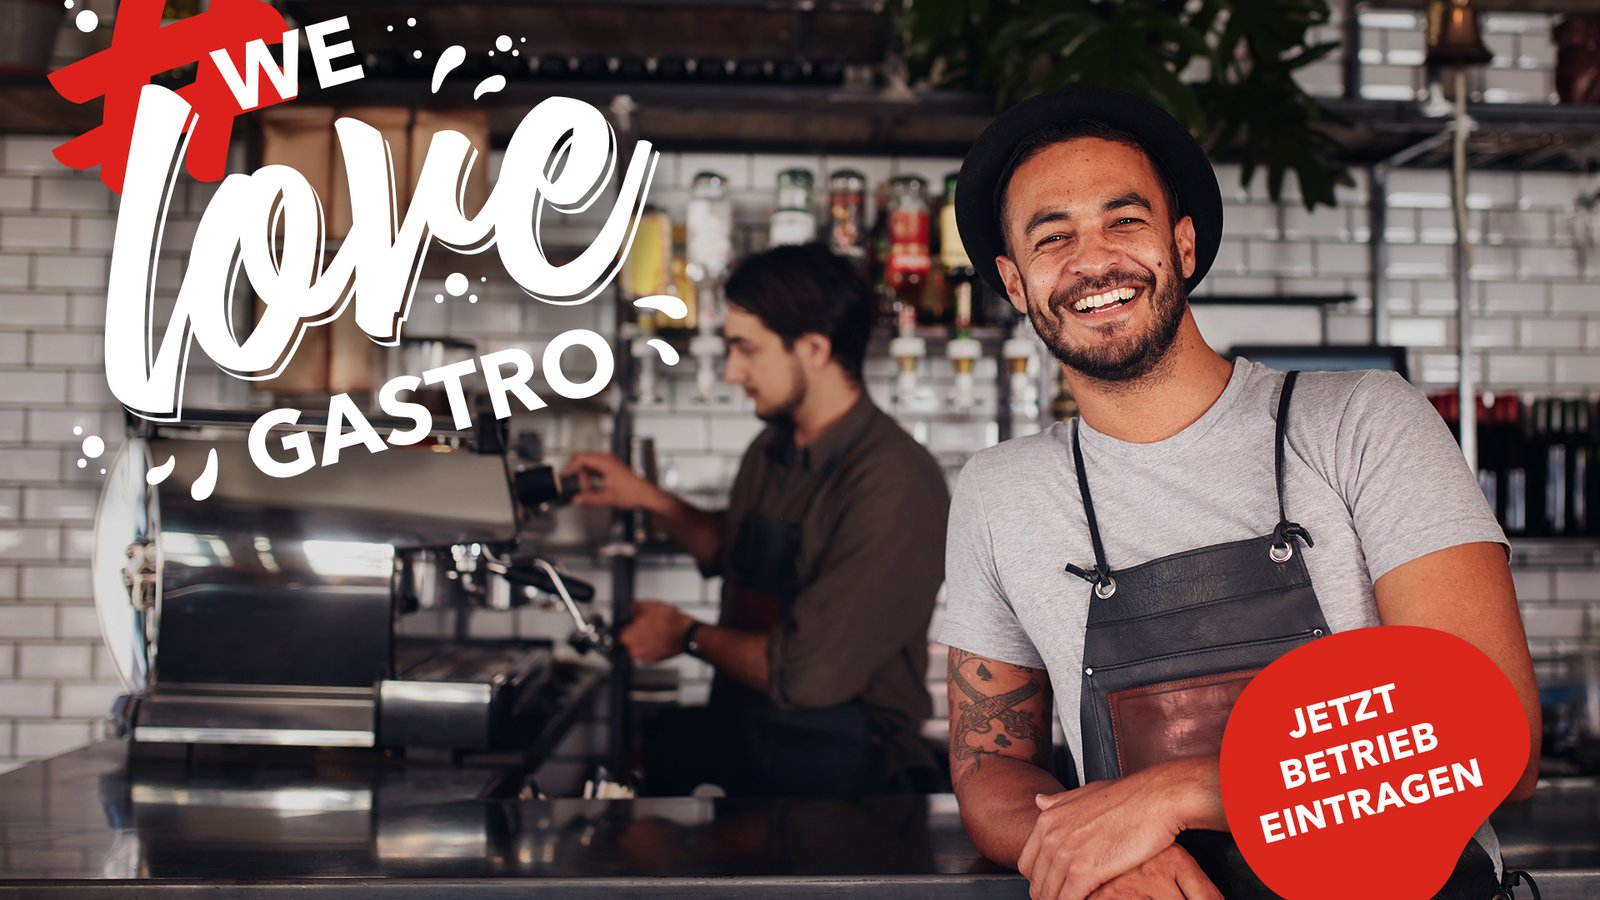 We love Gastro - Unterstützung mit Weitblick für den Neustart der Gastronomie